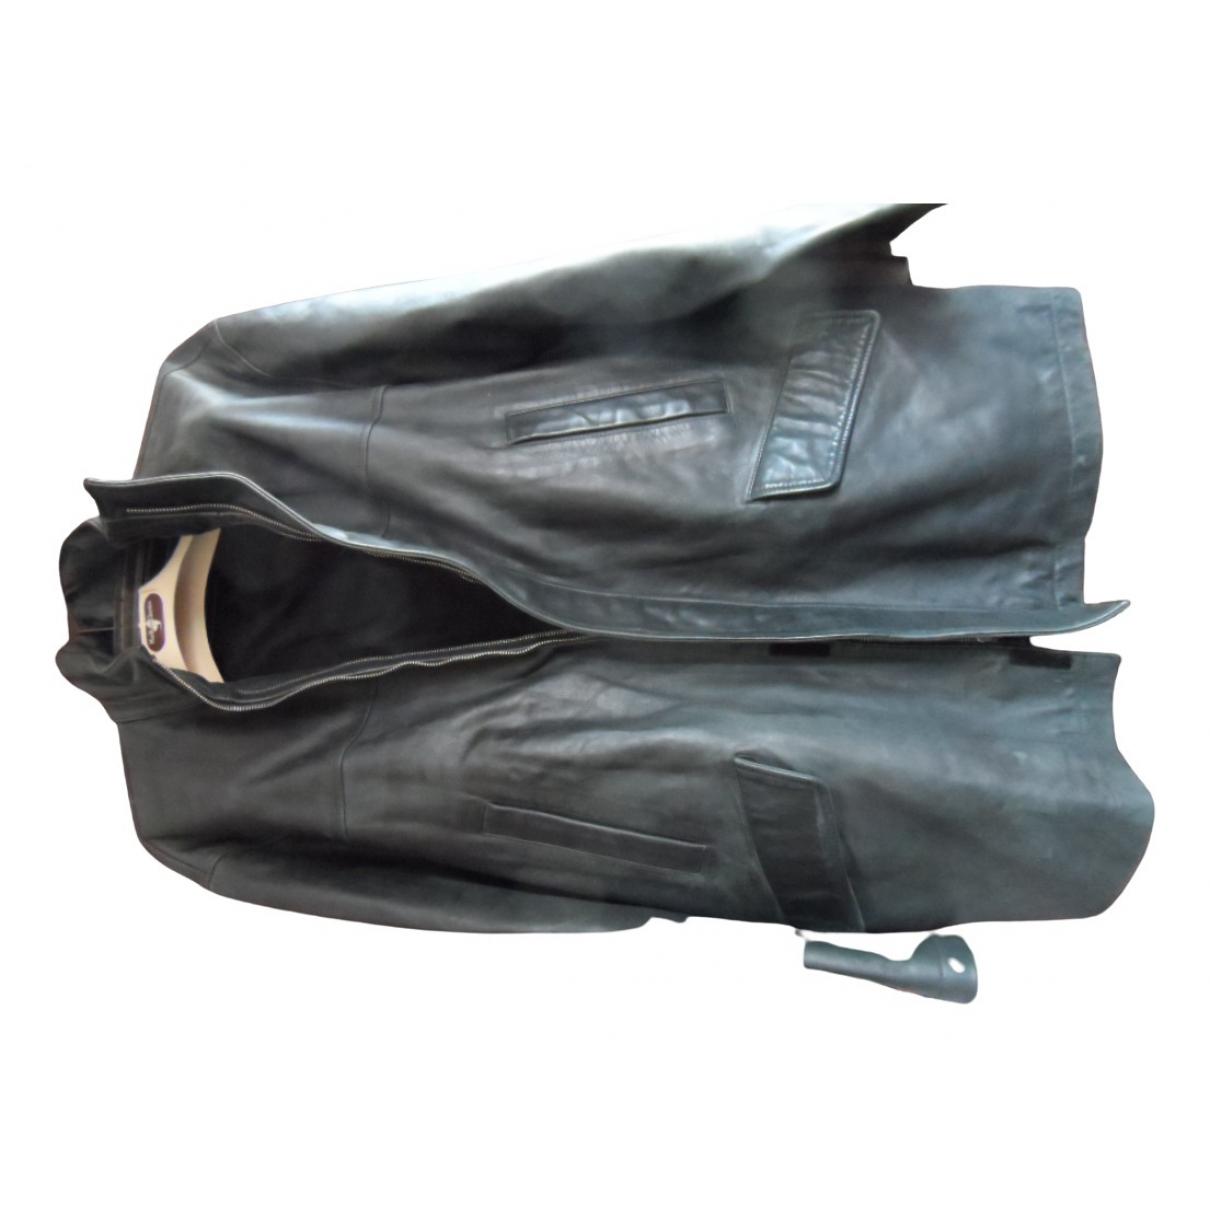 Givenchy - Manteau   pour homme en cuir - gris